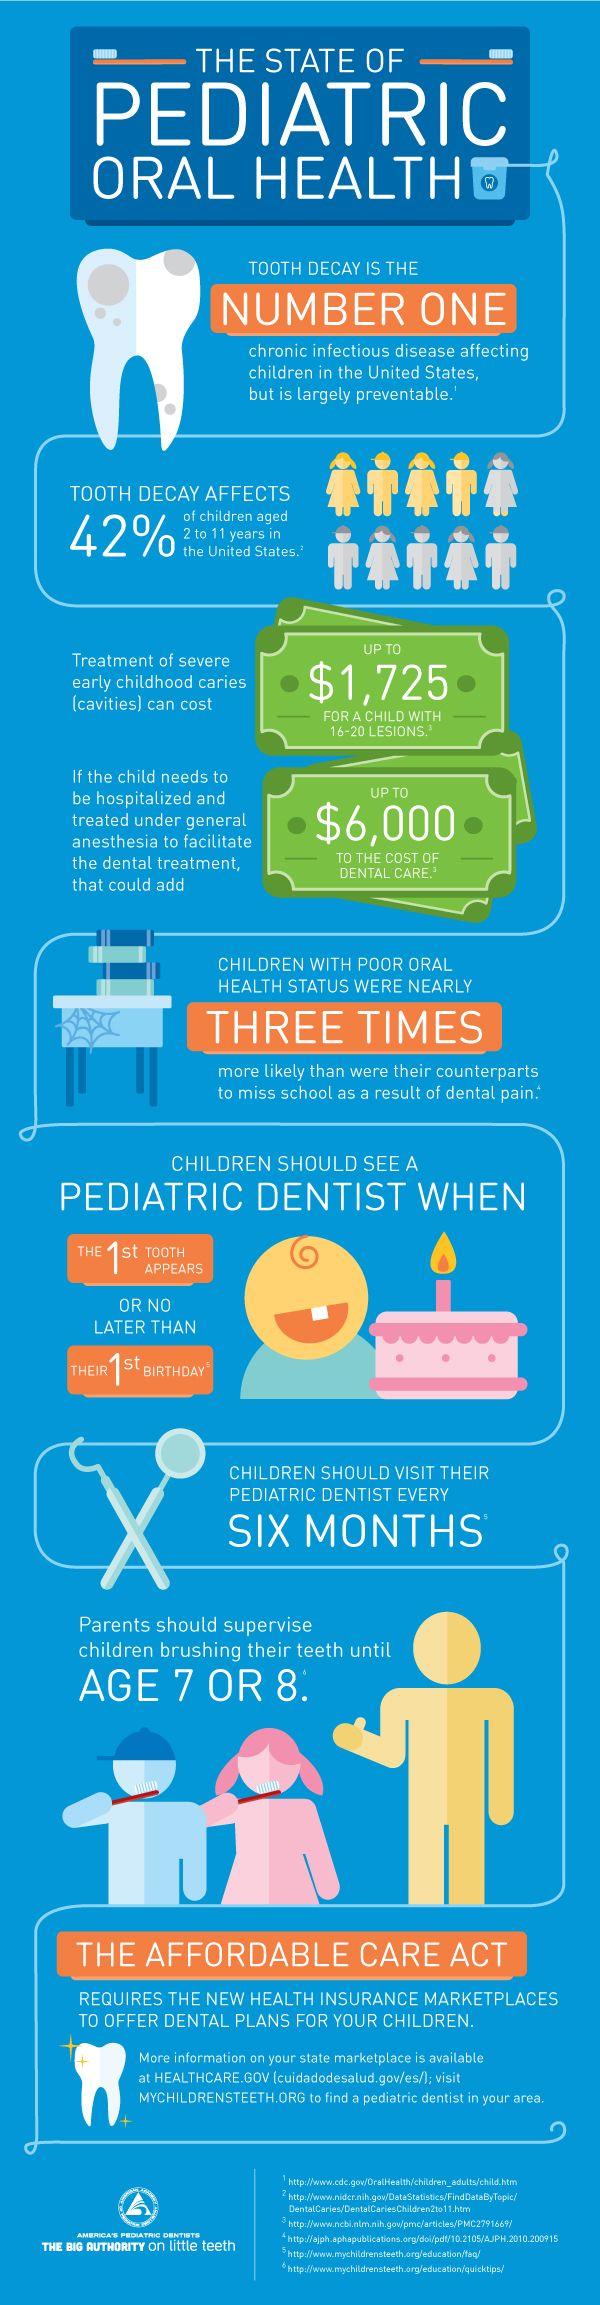 Pediatric Oral Health.